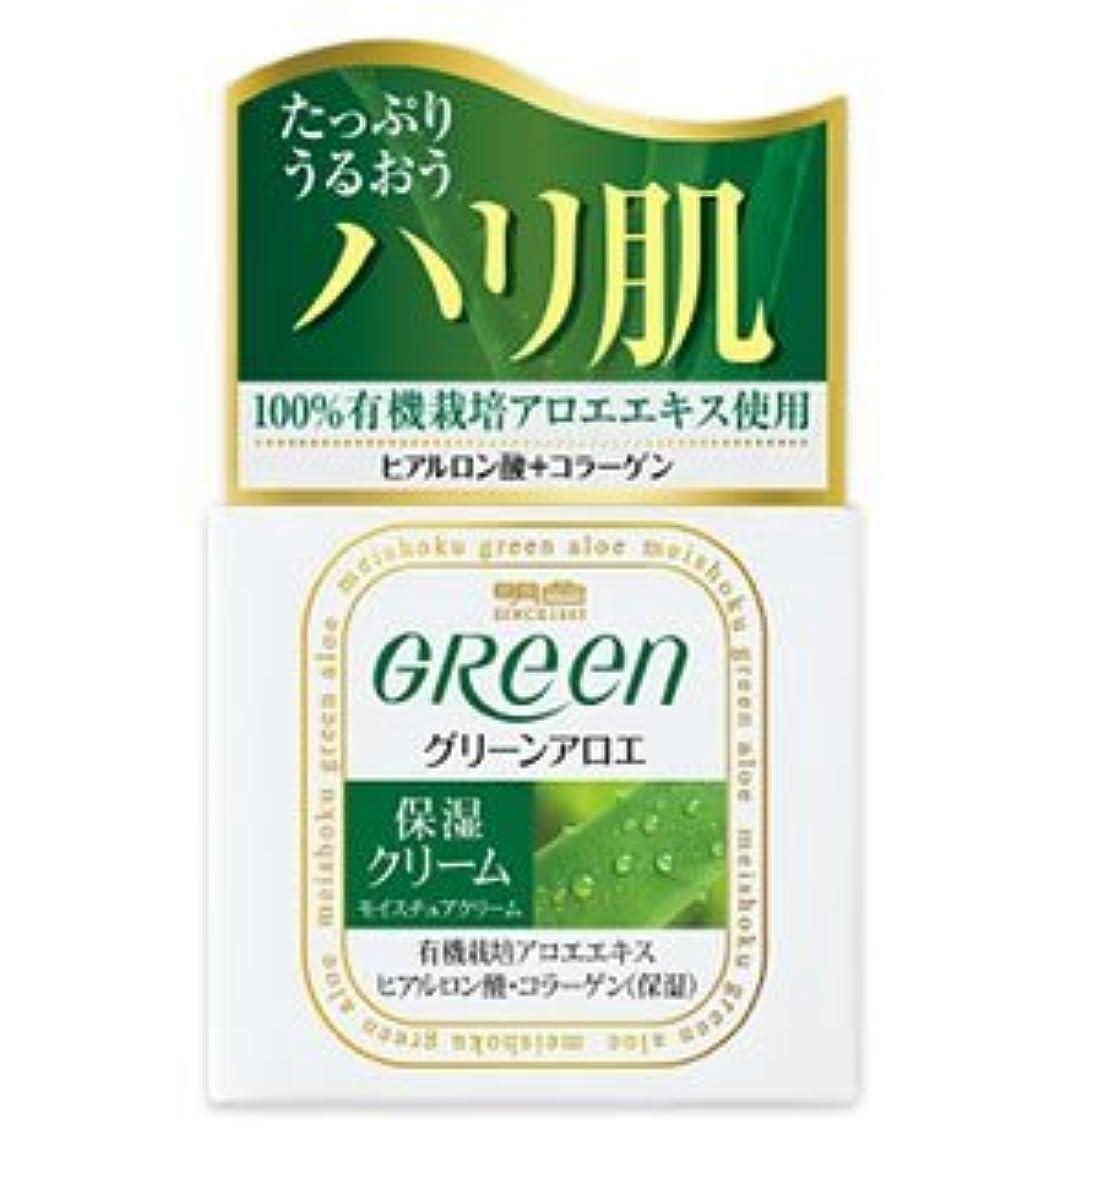 気づかない用心深い召喚する(明色)グリーン モイスチュアクリーム 48g